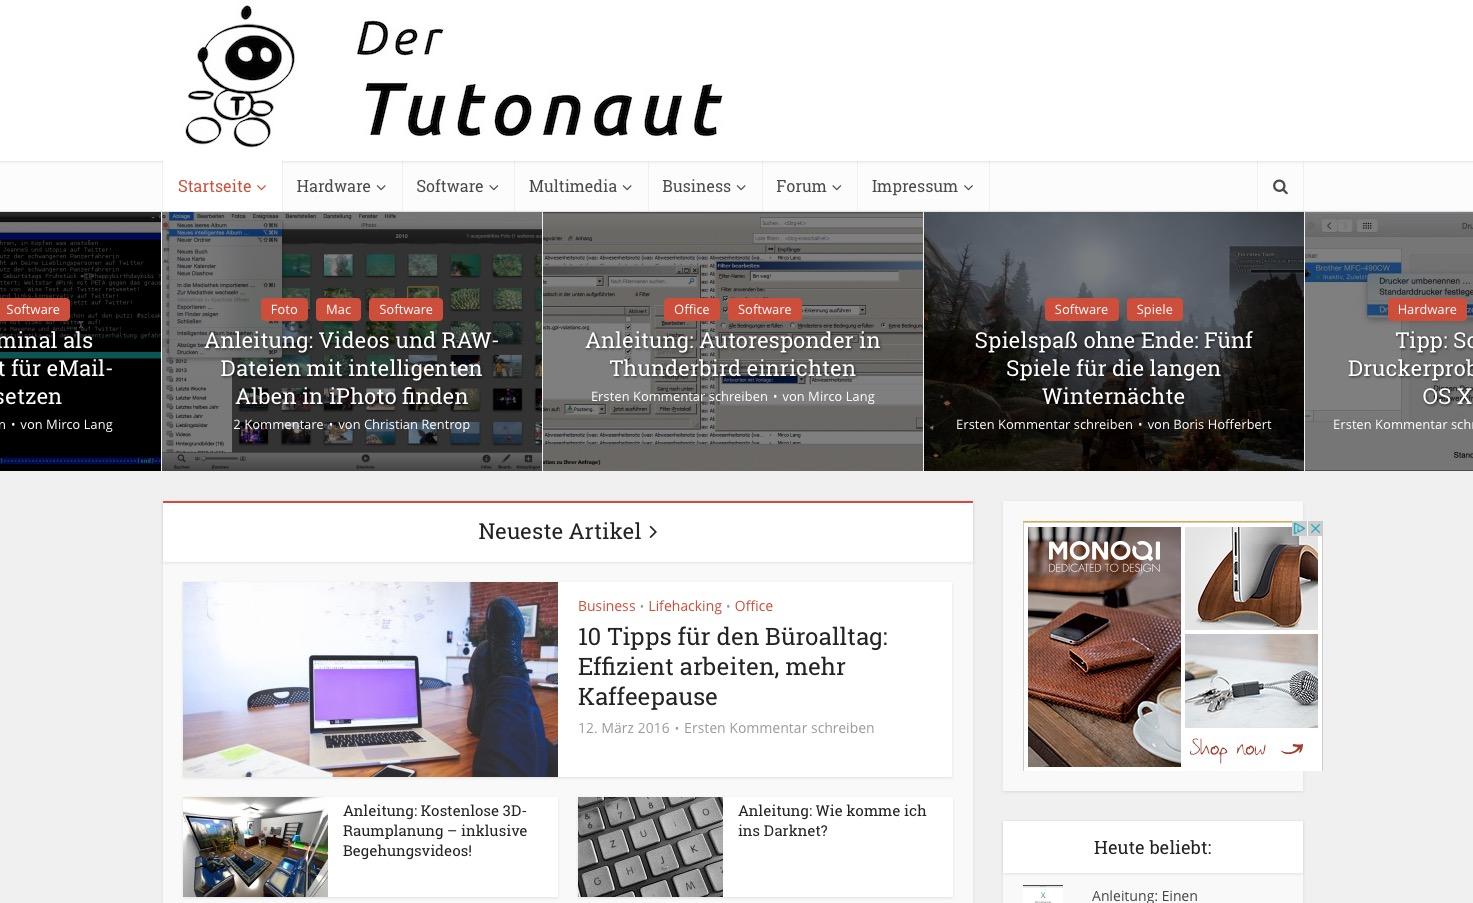 Der Tutonaut – Technik einfach erklärt - Tutorials und Anleitungen